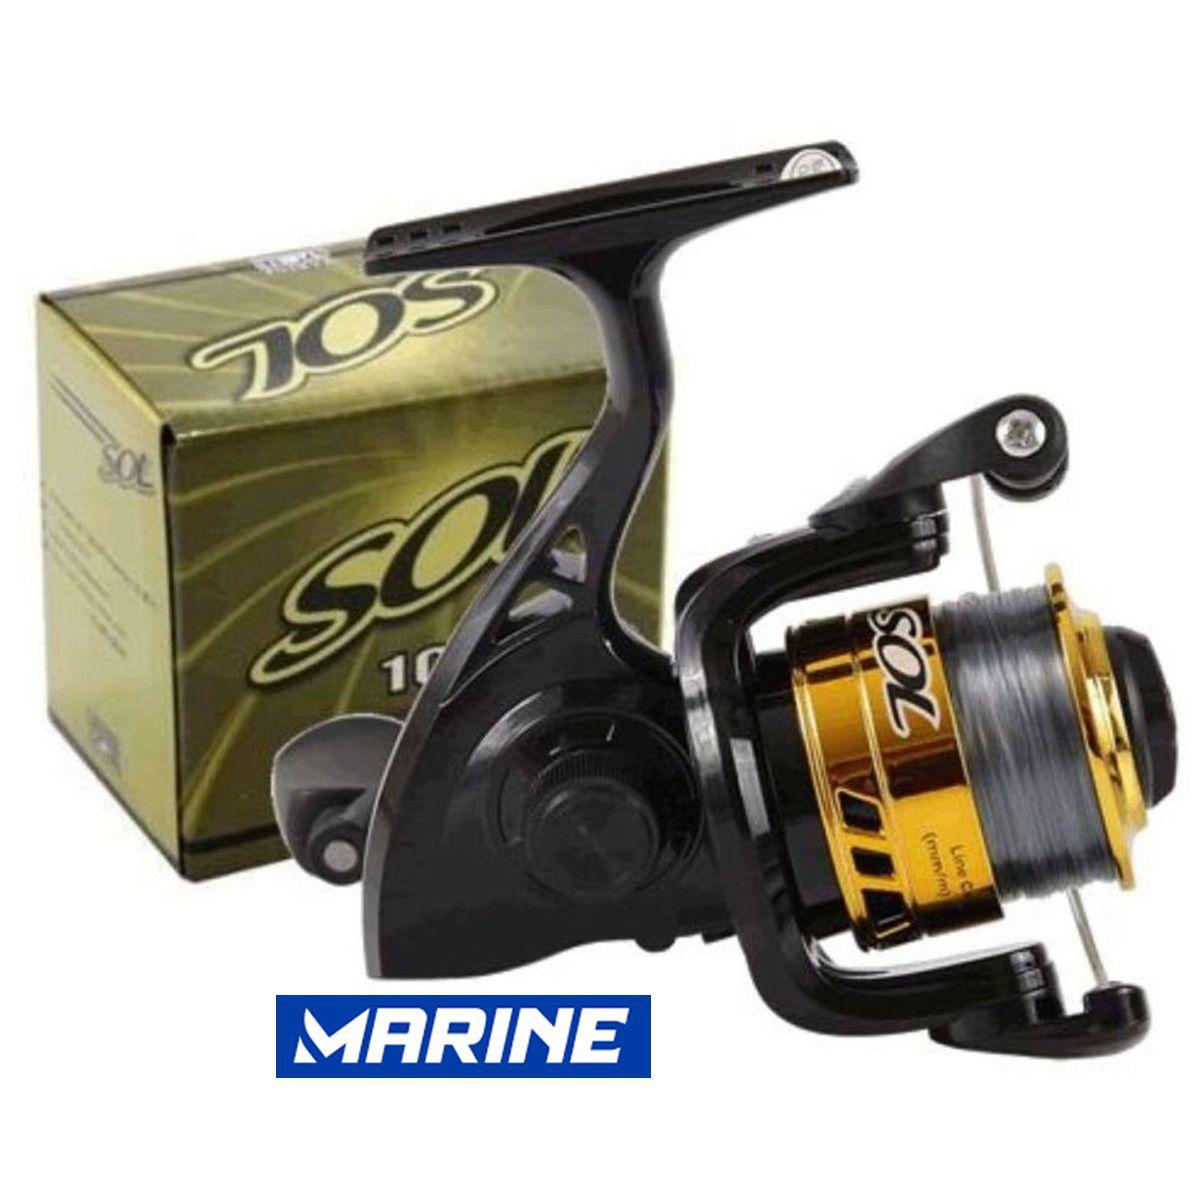 Artigos De Pesca Pescaria Completa Vara 6kg Molinete Caixa